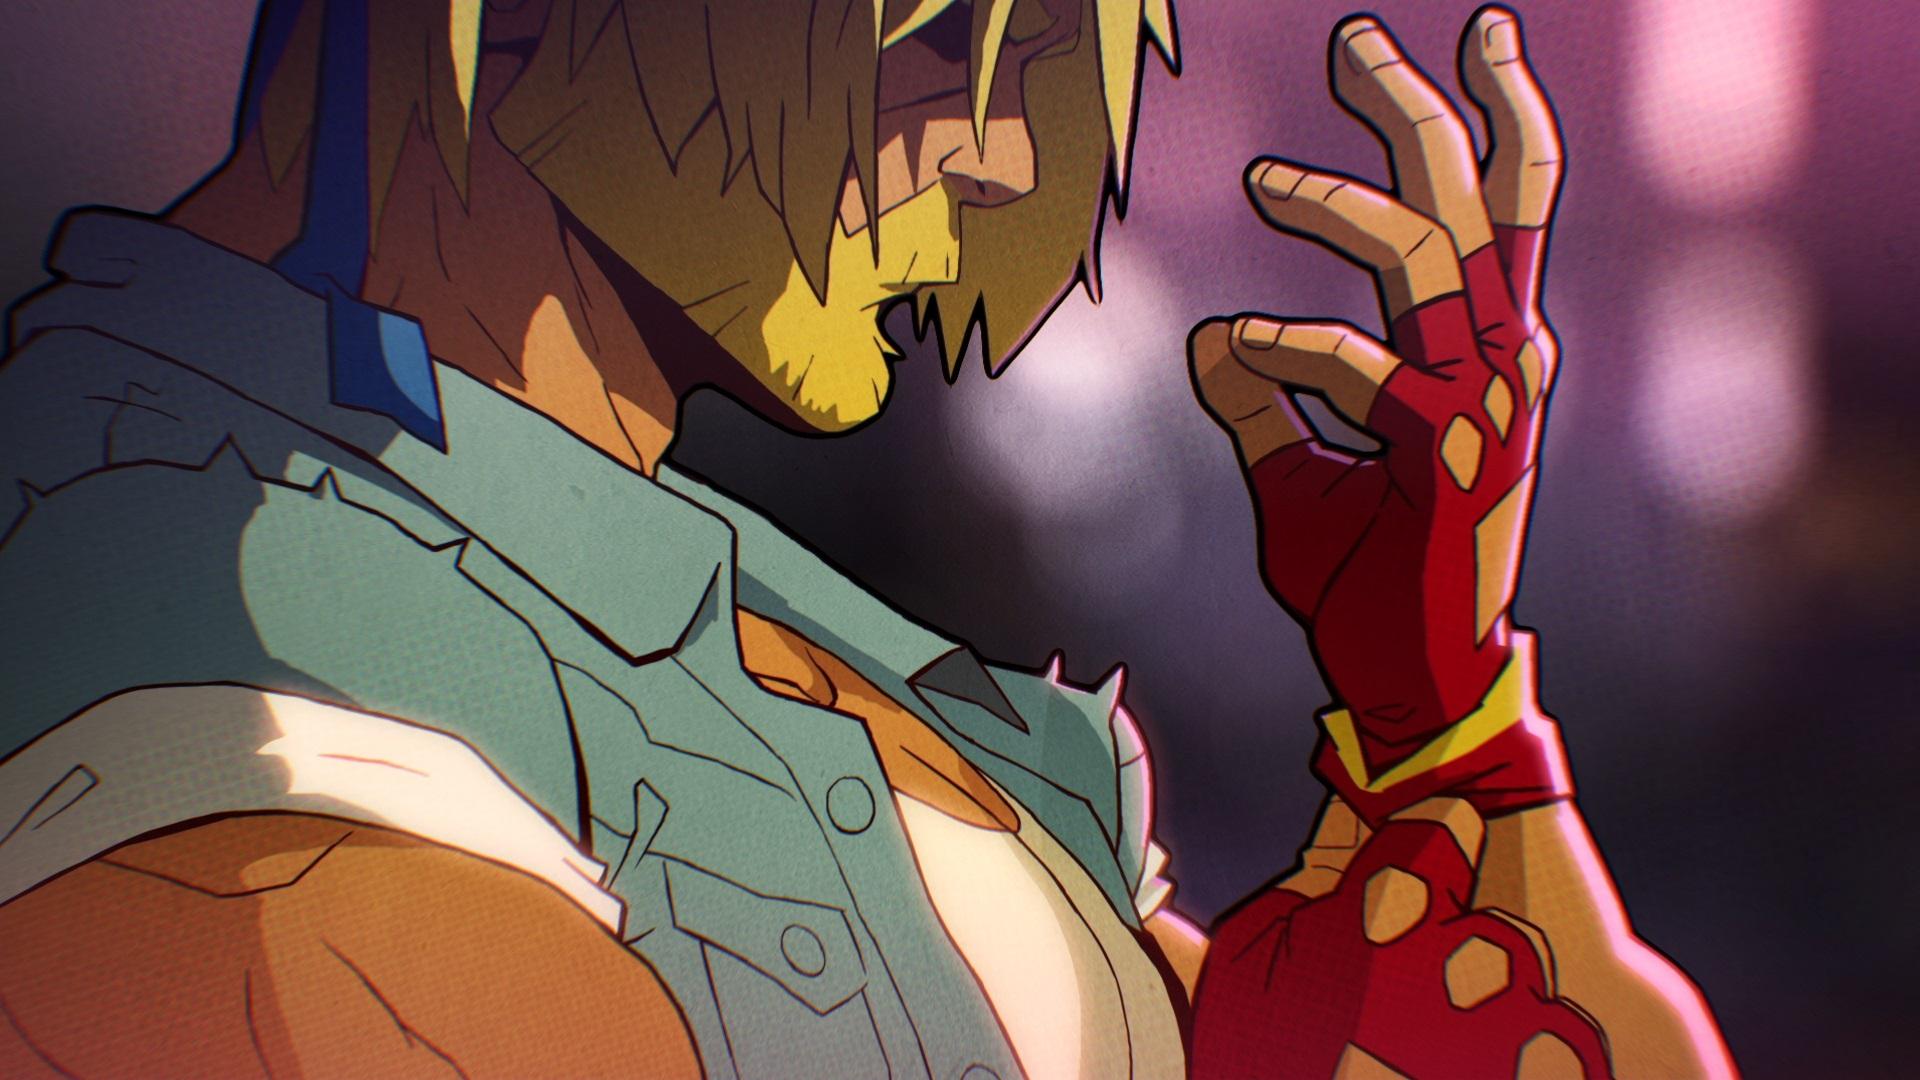 یوزو کوشیرو موسیقیهای بازی Streets of Rage 4 را خواهد ساخت